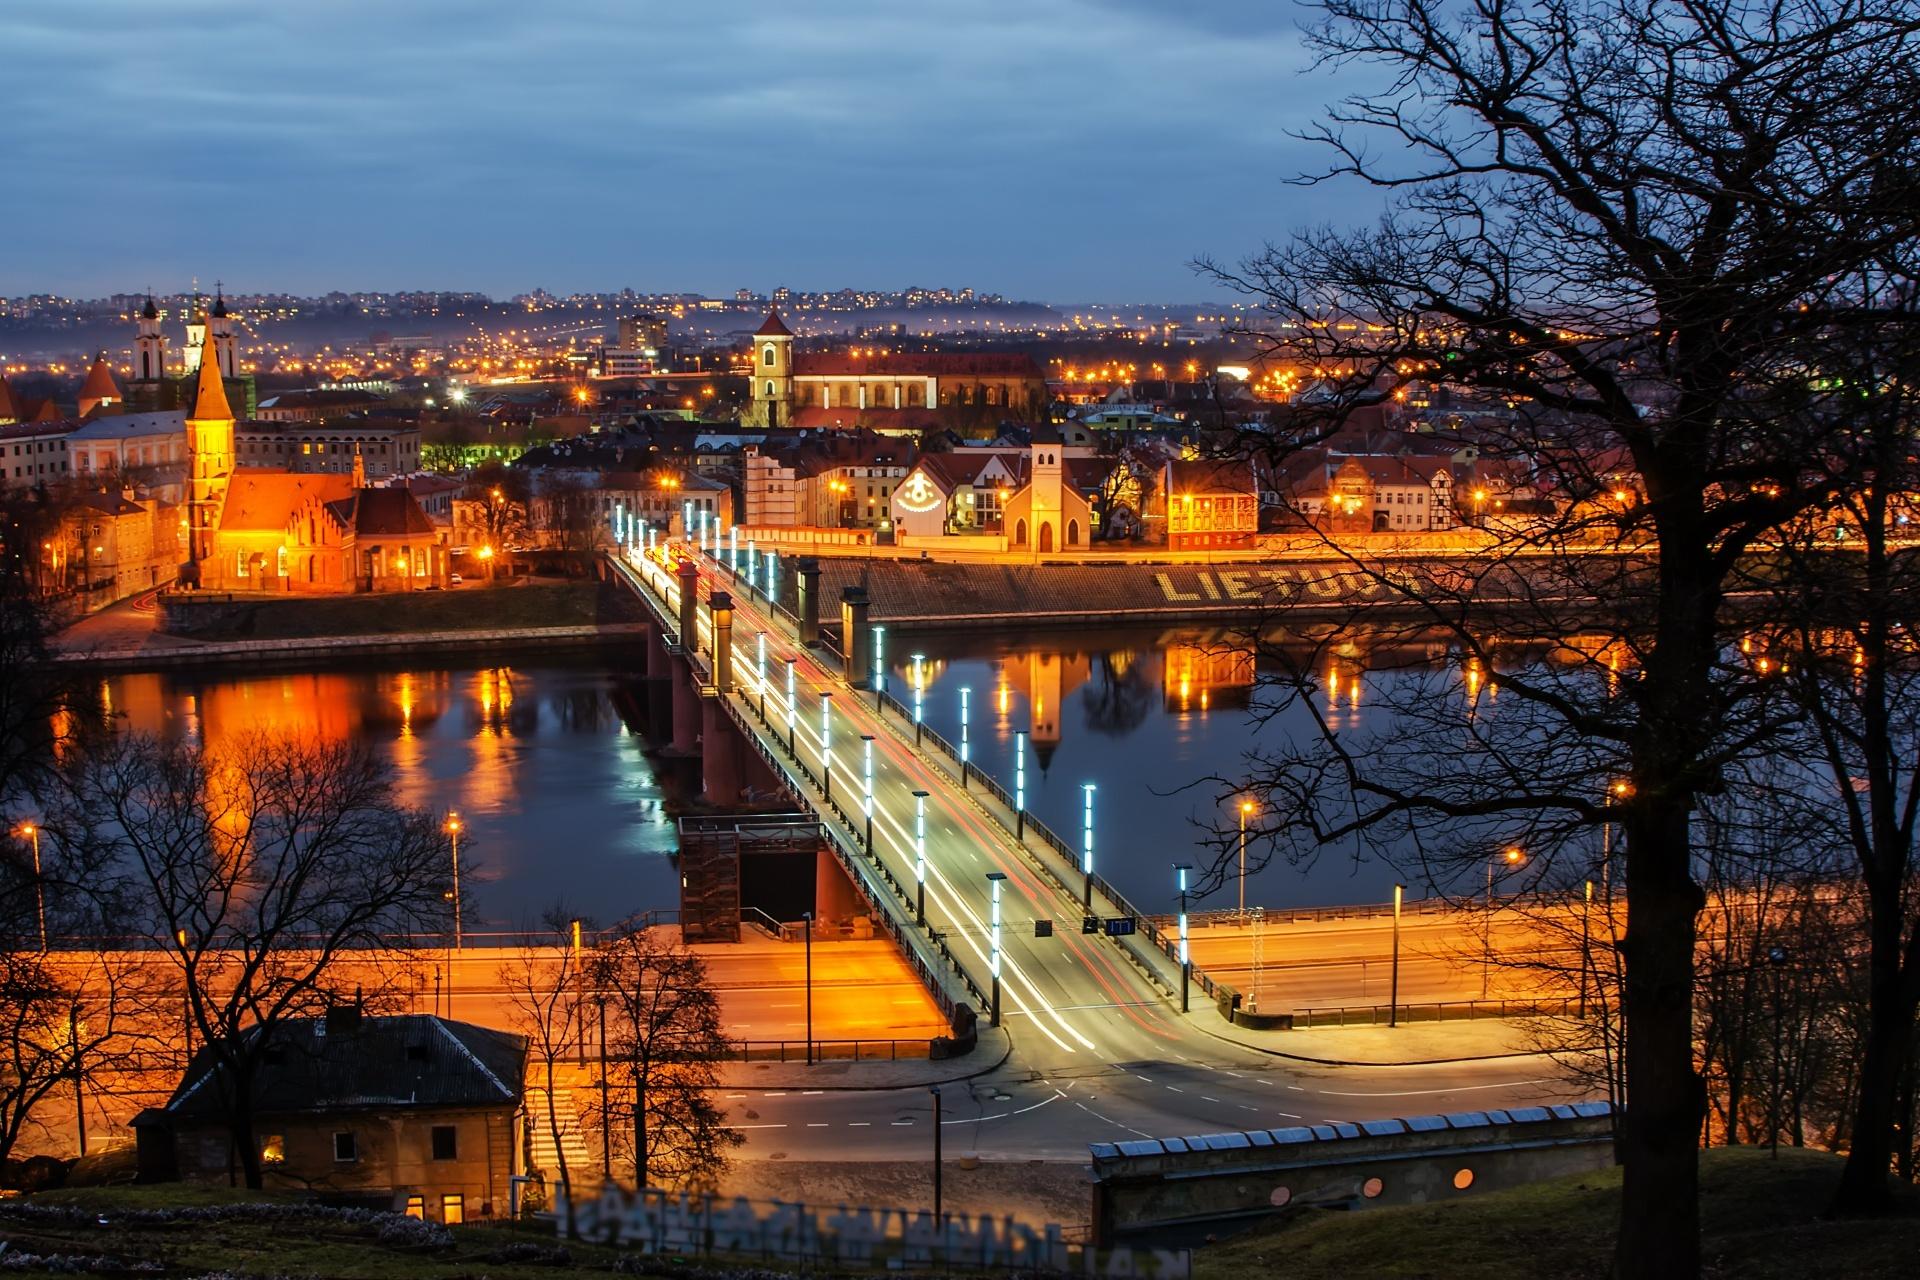 カウナス 夕暮れの旧市街 リトアニアの風景